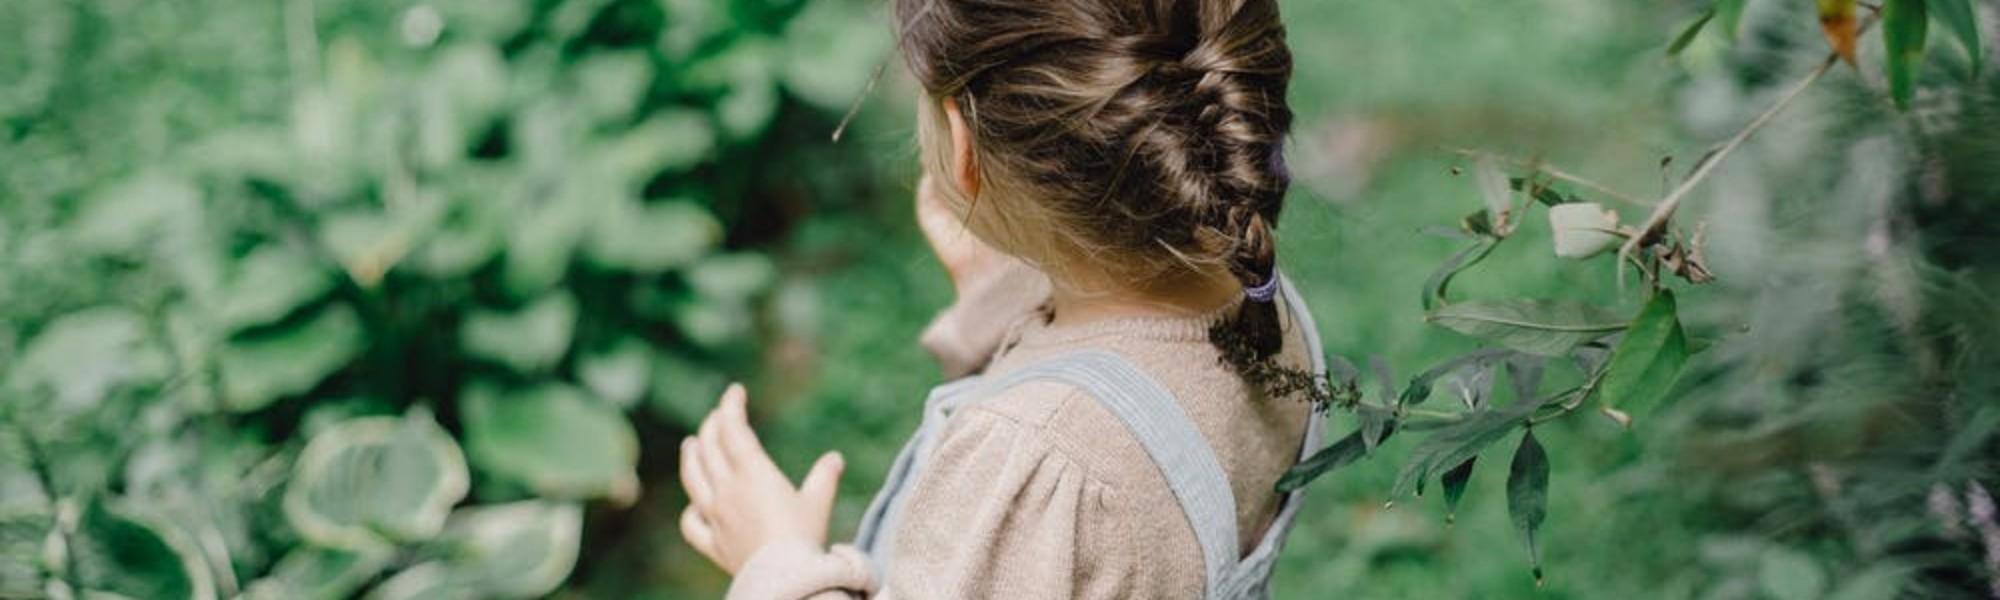 Kuvassa on lettipäinen tyttö vihreässä pihapiirissä.